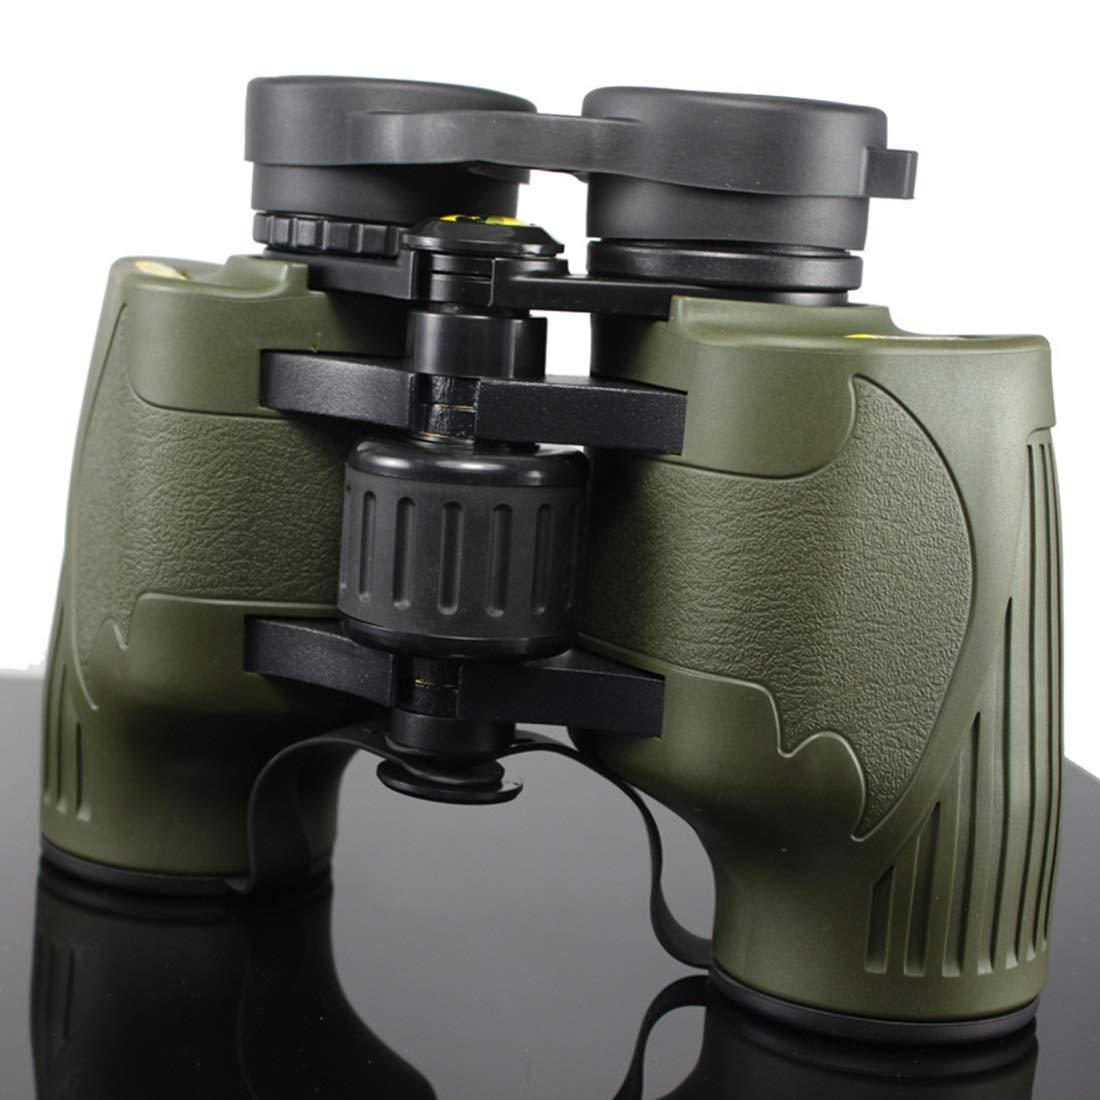 YY3 8x36 Compact Lightweight Fernglas Erwachsene, Teleskop für Vogelbeobachtung, Outdoor Camping und Sportspiele (Farbe : Grün)